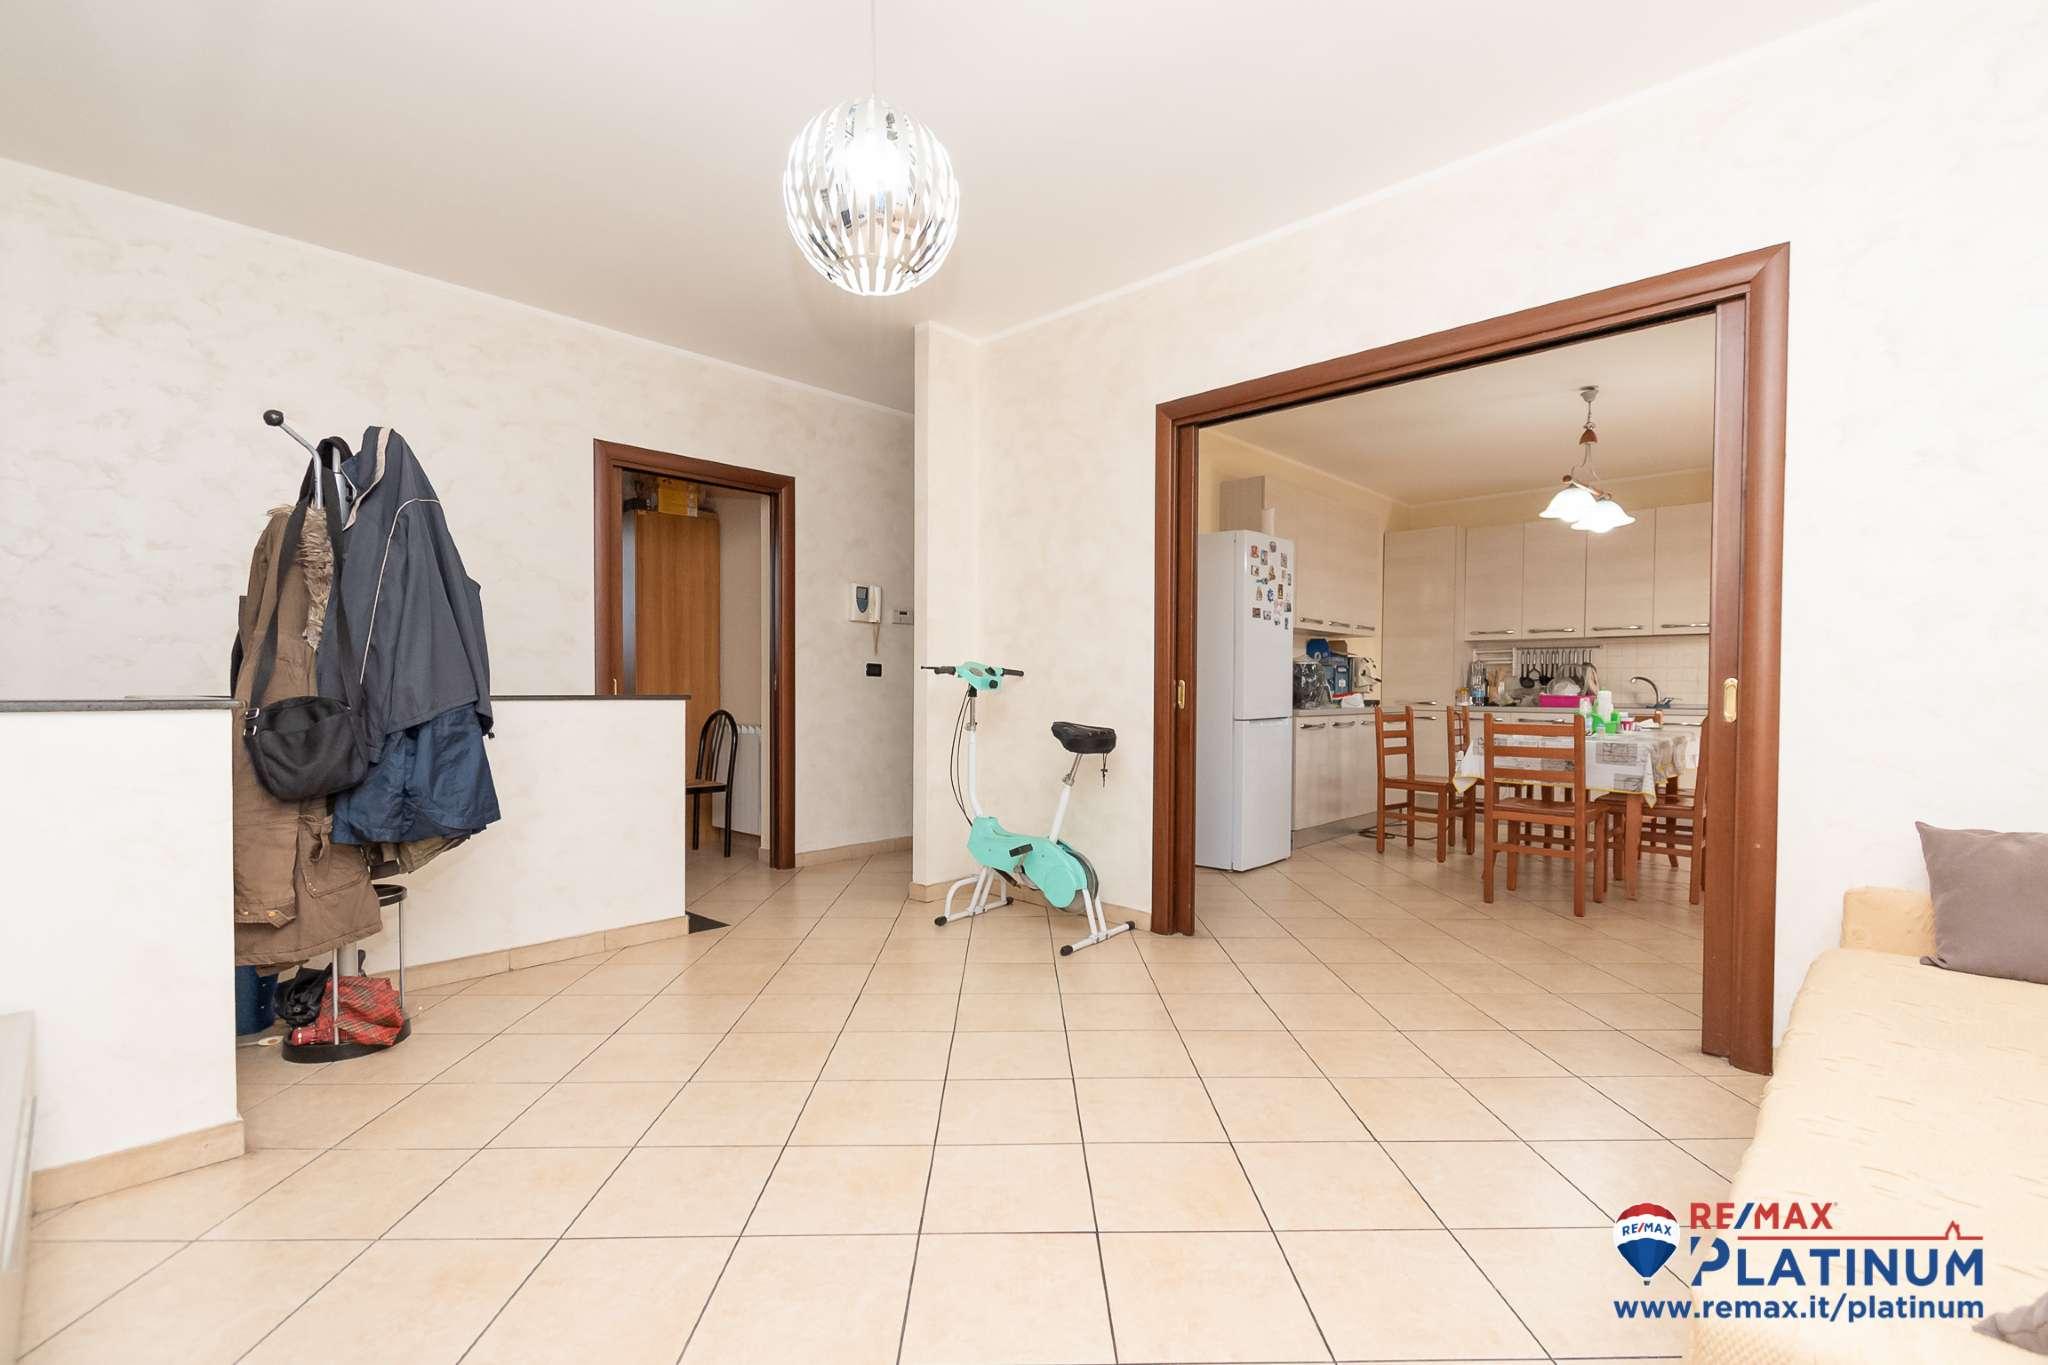 Appartamento in vendita a Misterbianco, 6 locali, Trattative riservate | PortaleAgenzieImmobiliari.it